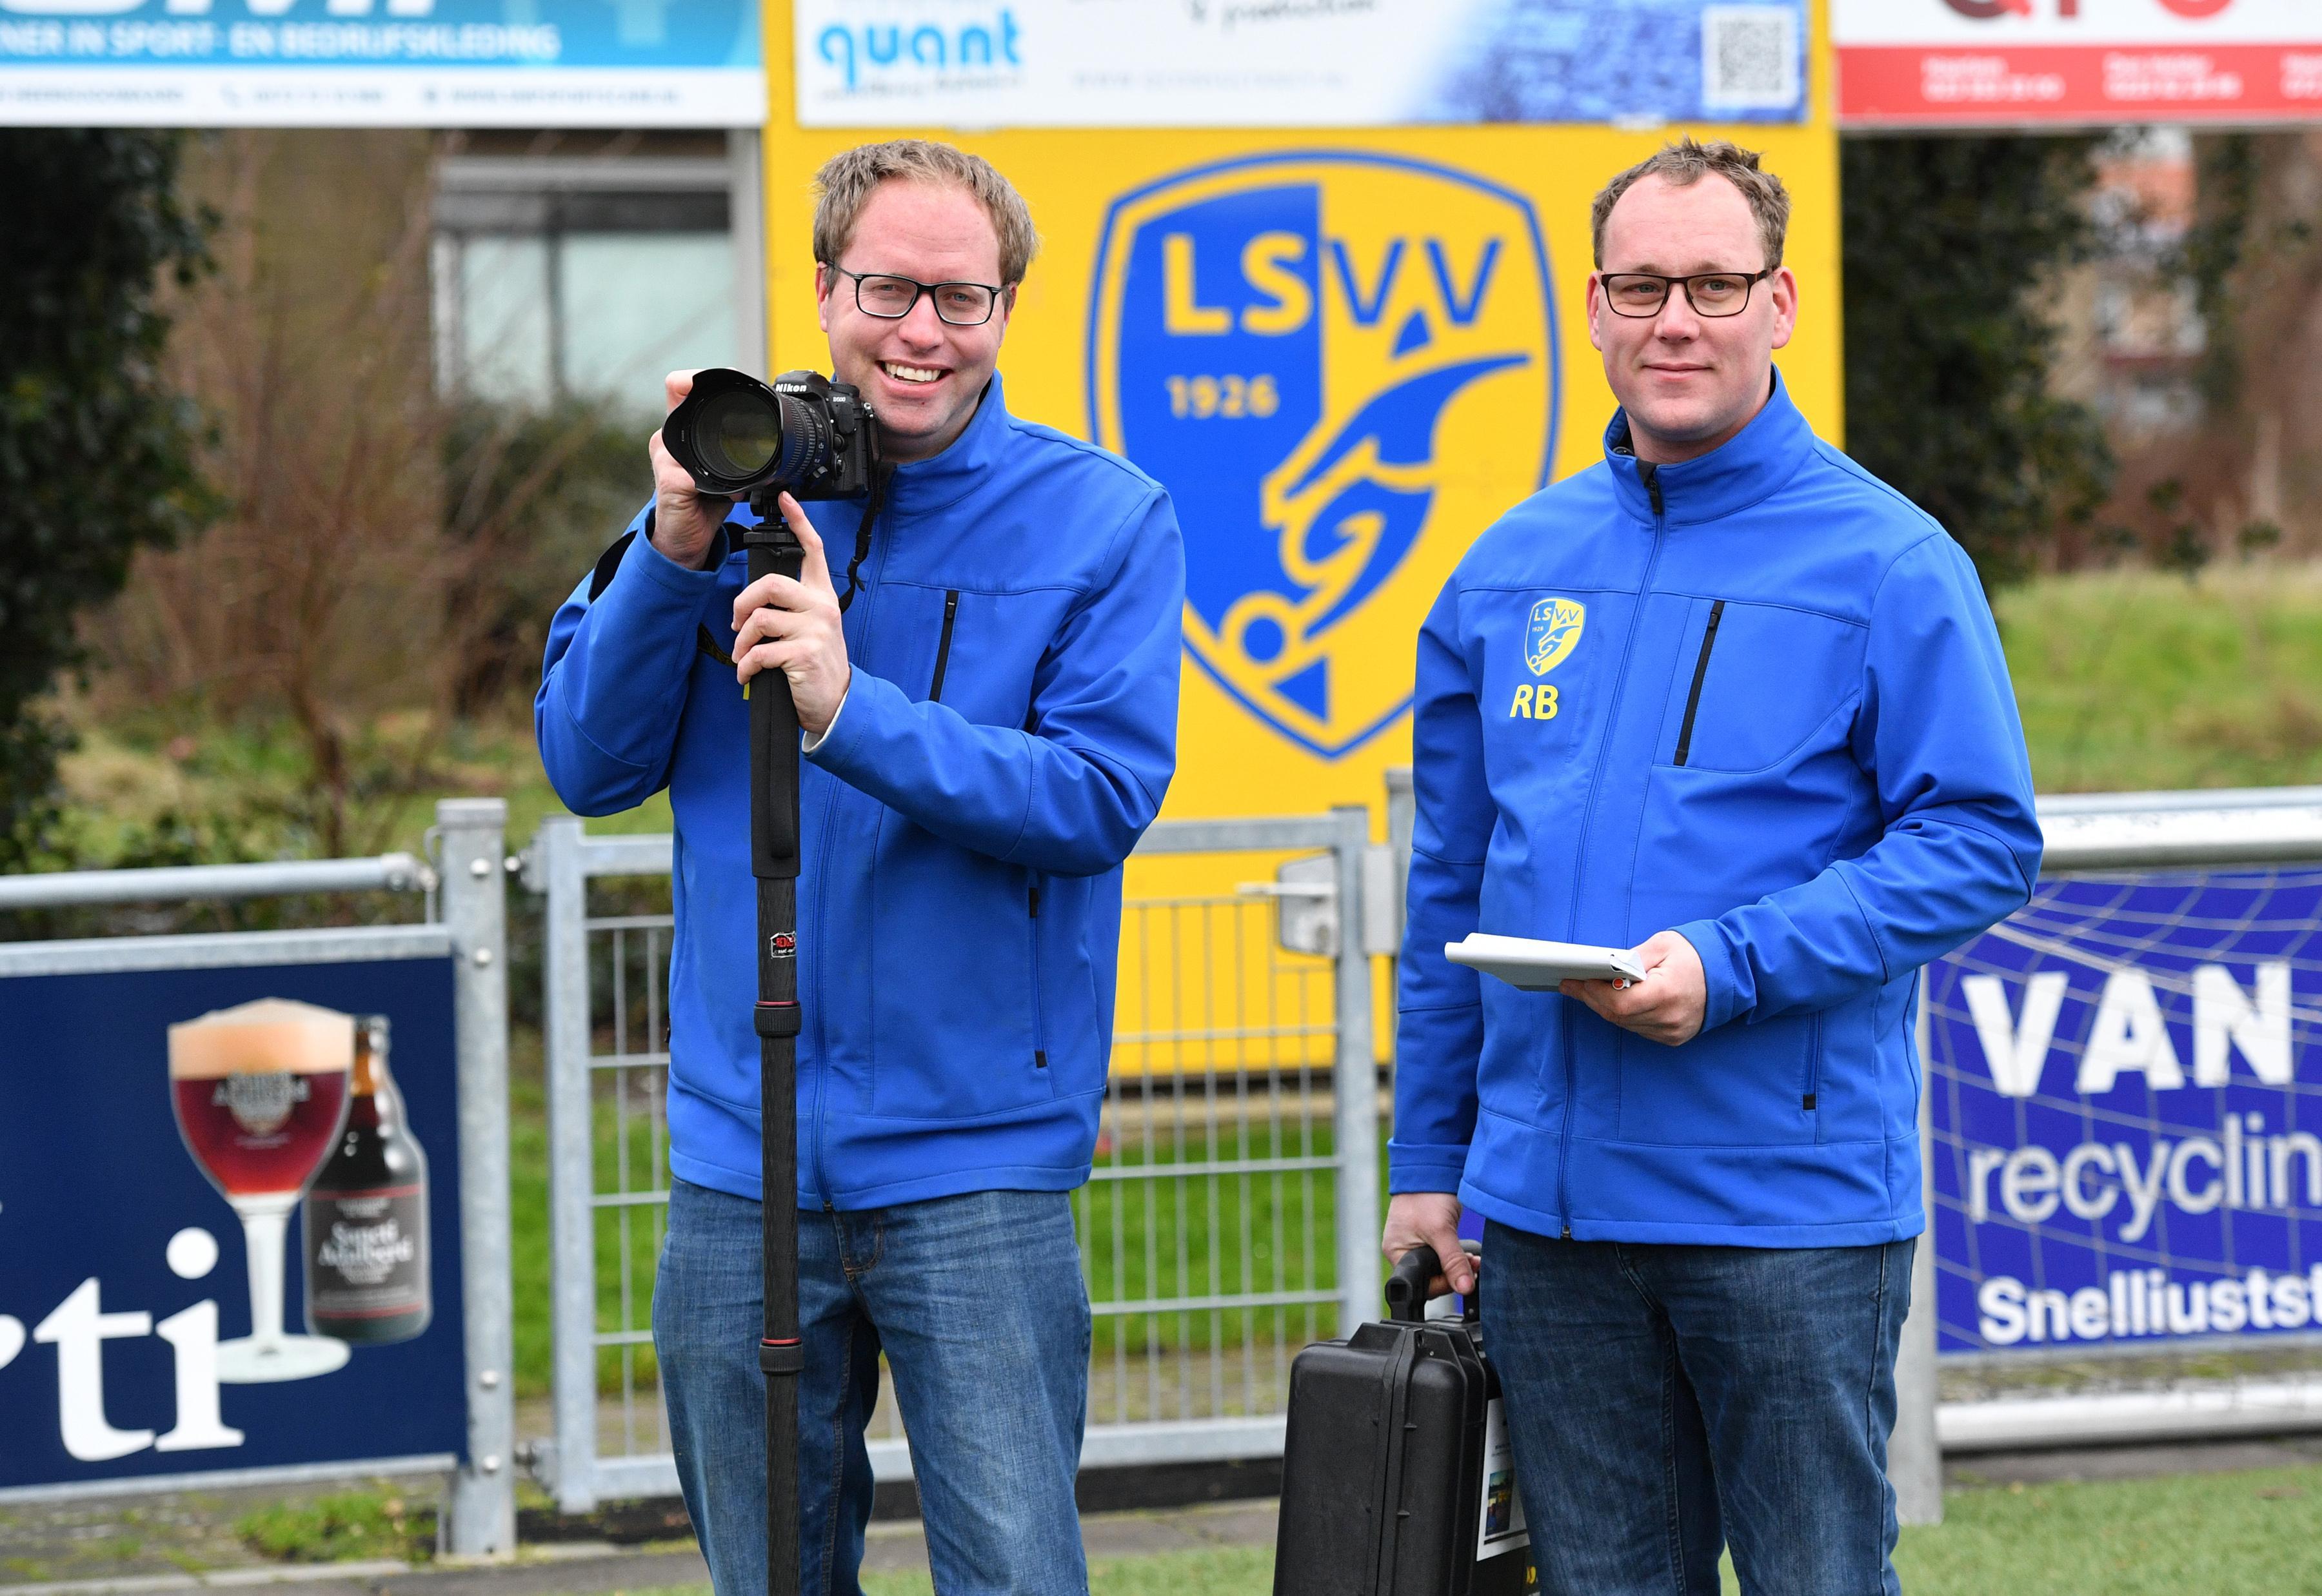 Michel Bes legt als fotograaf alle wedstrijden van eerste elftal LSVV vast: 'Natuurlijk vond ik het wel bijzonder toen Peter Wijker bij LSVV kwam voetballen'